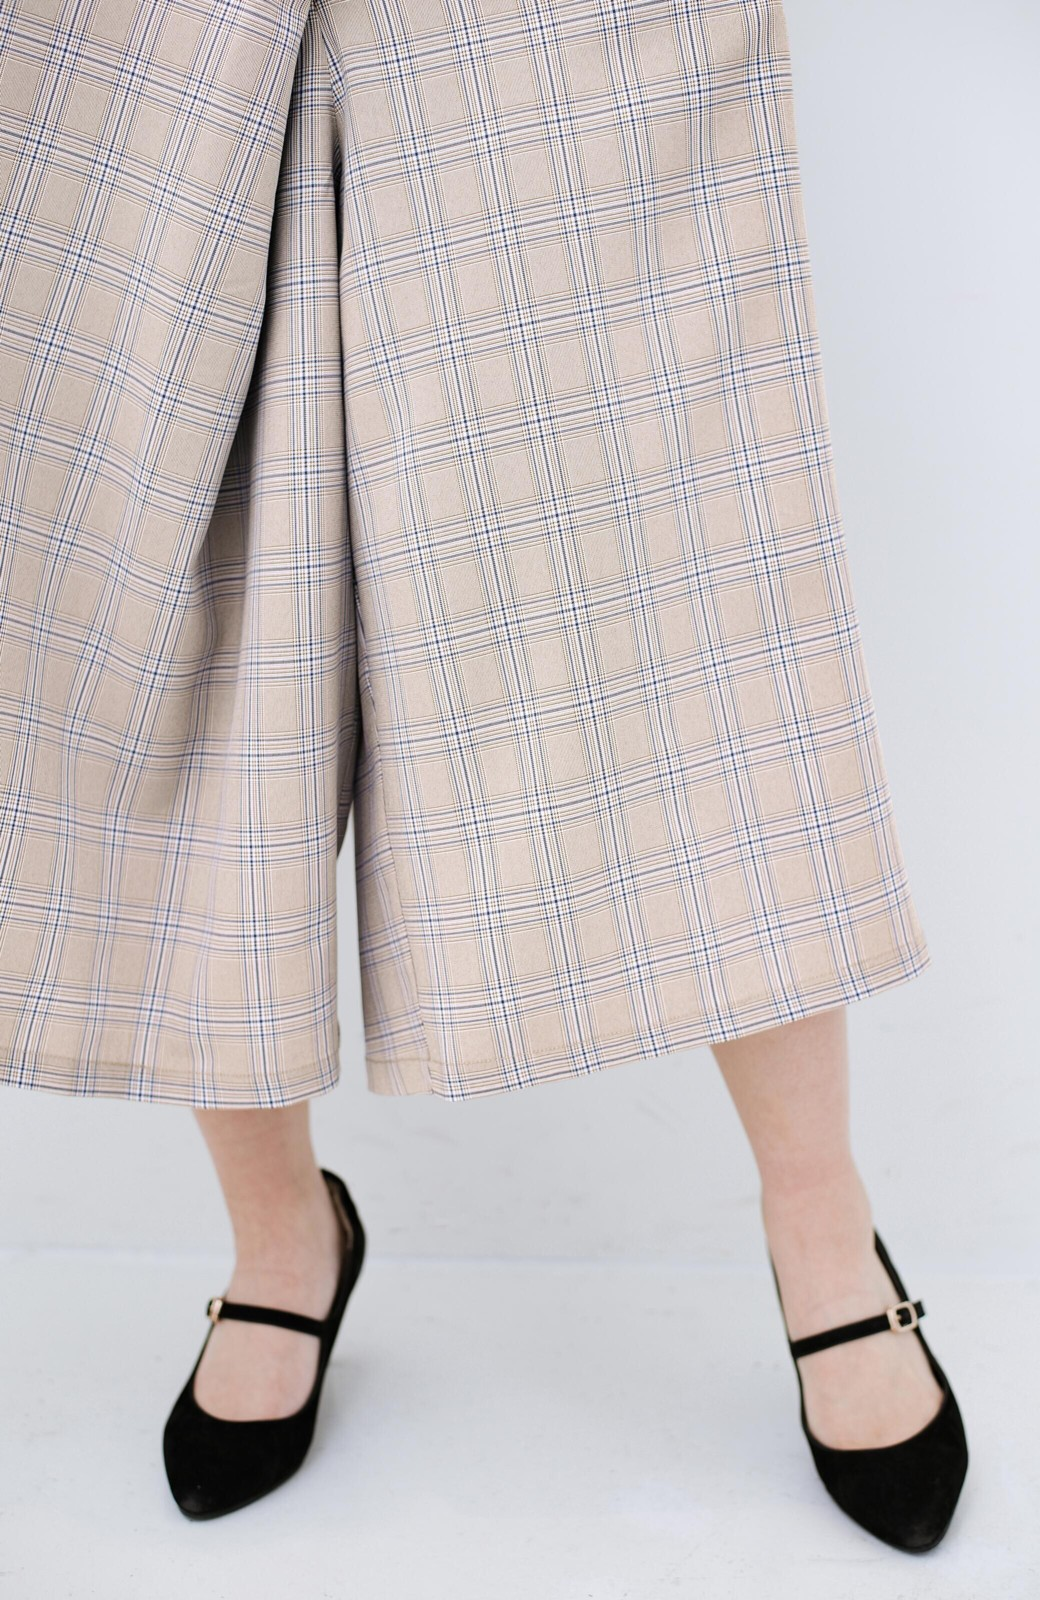 haco! 動きやすいのにちゃんと女子見え スカートみたいな華やかチェックパンツ <ブラウン系その他>の商品写真8